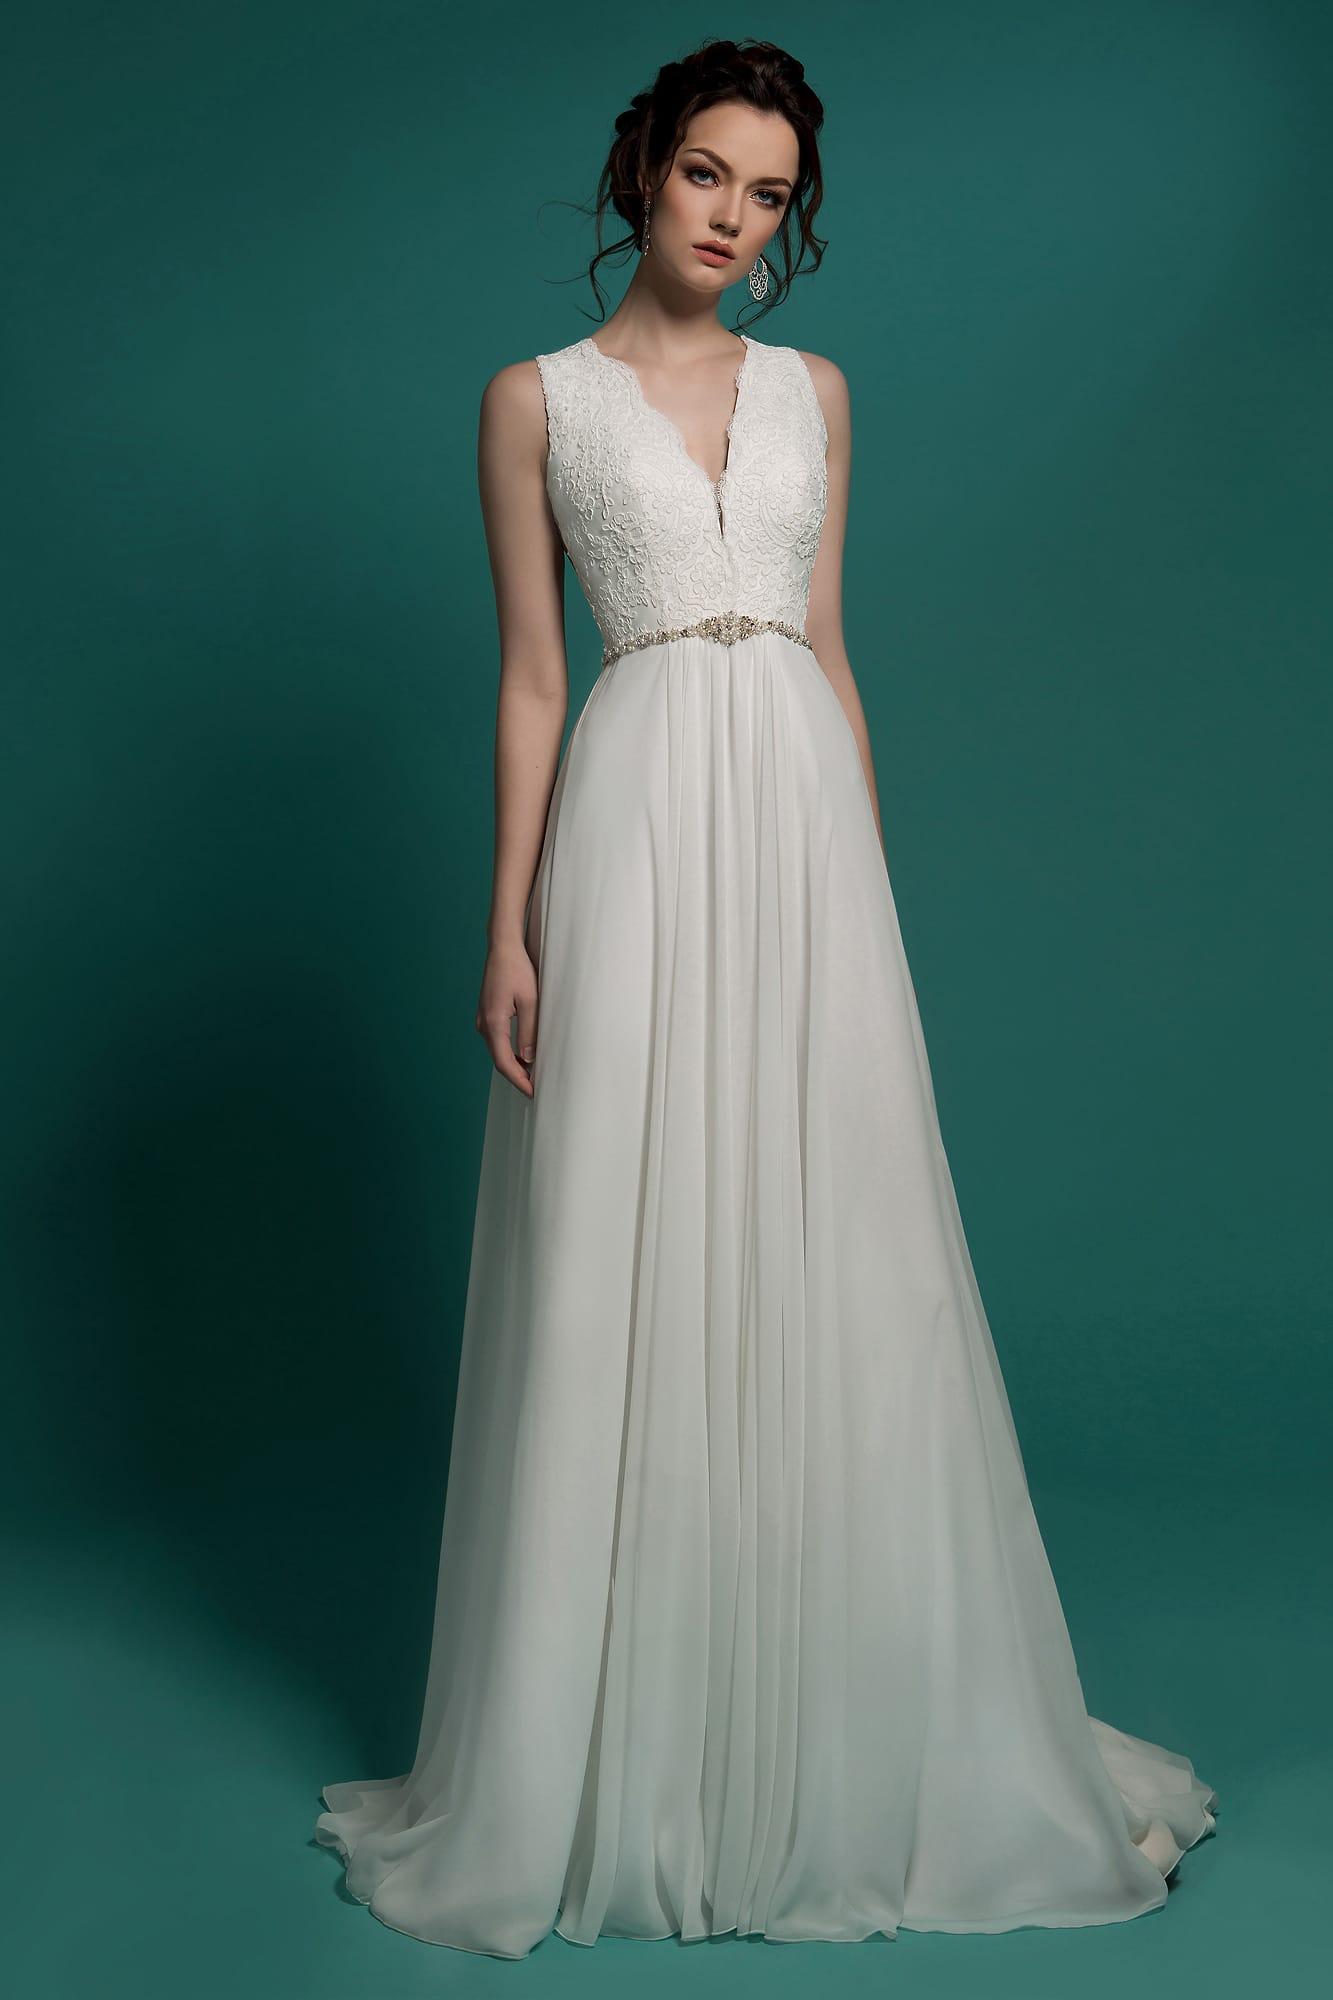 3c6b9149296b455 Прямое свадебное платье с V-образным вырезом и ажурной спинкой.